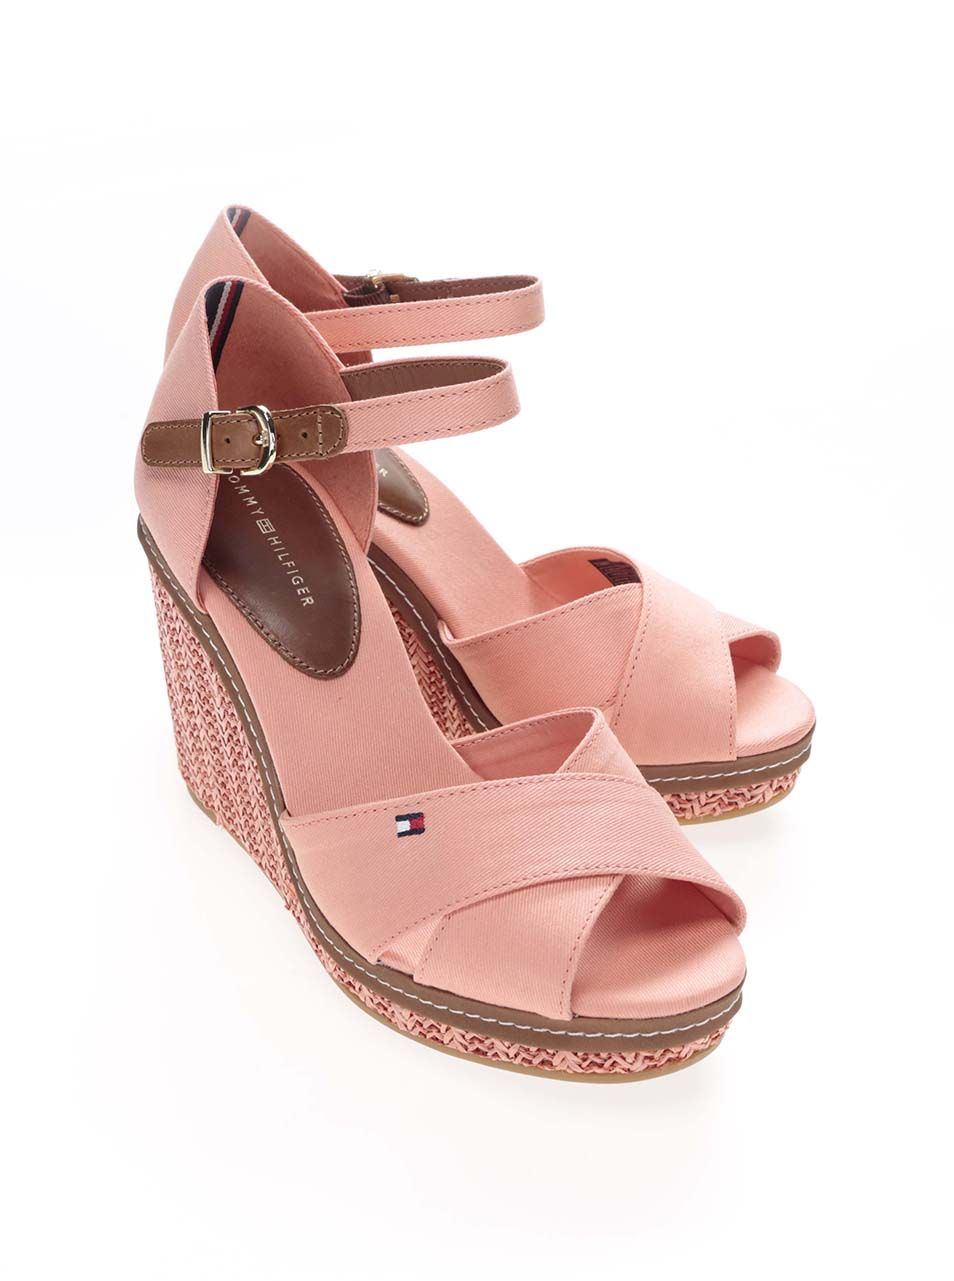 Lososové dámské bavlněné boty na klínku Tommy Hilfiger  93405c8c404